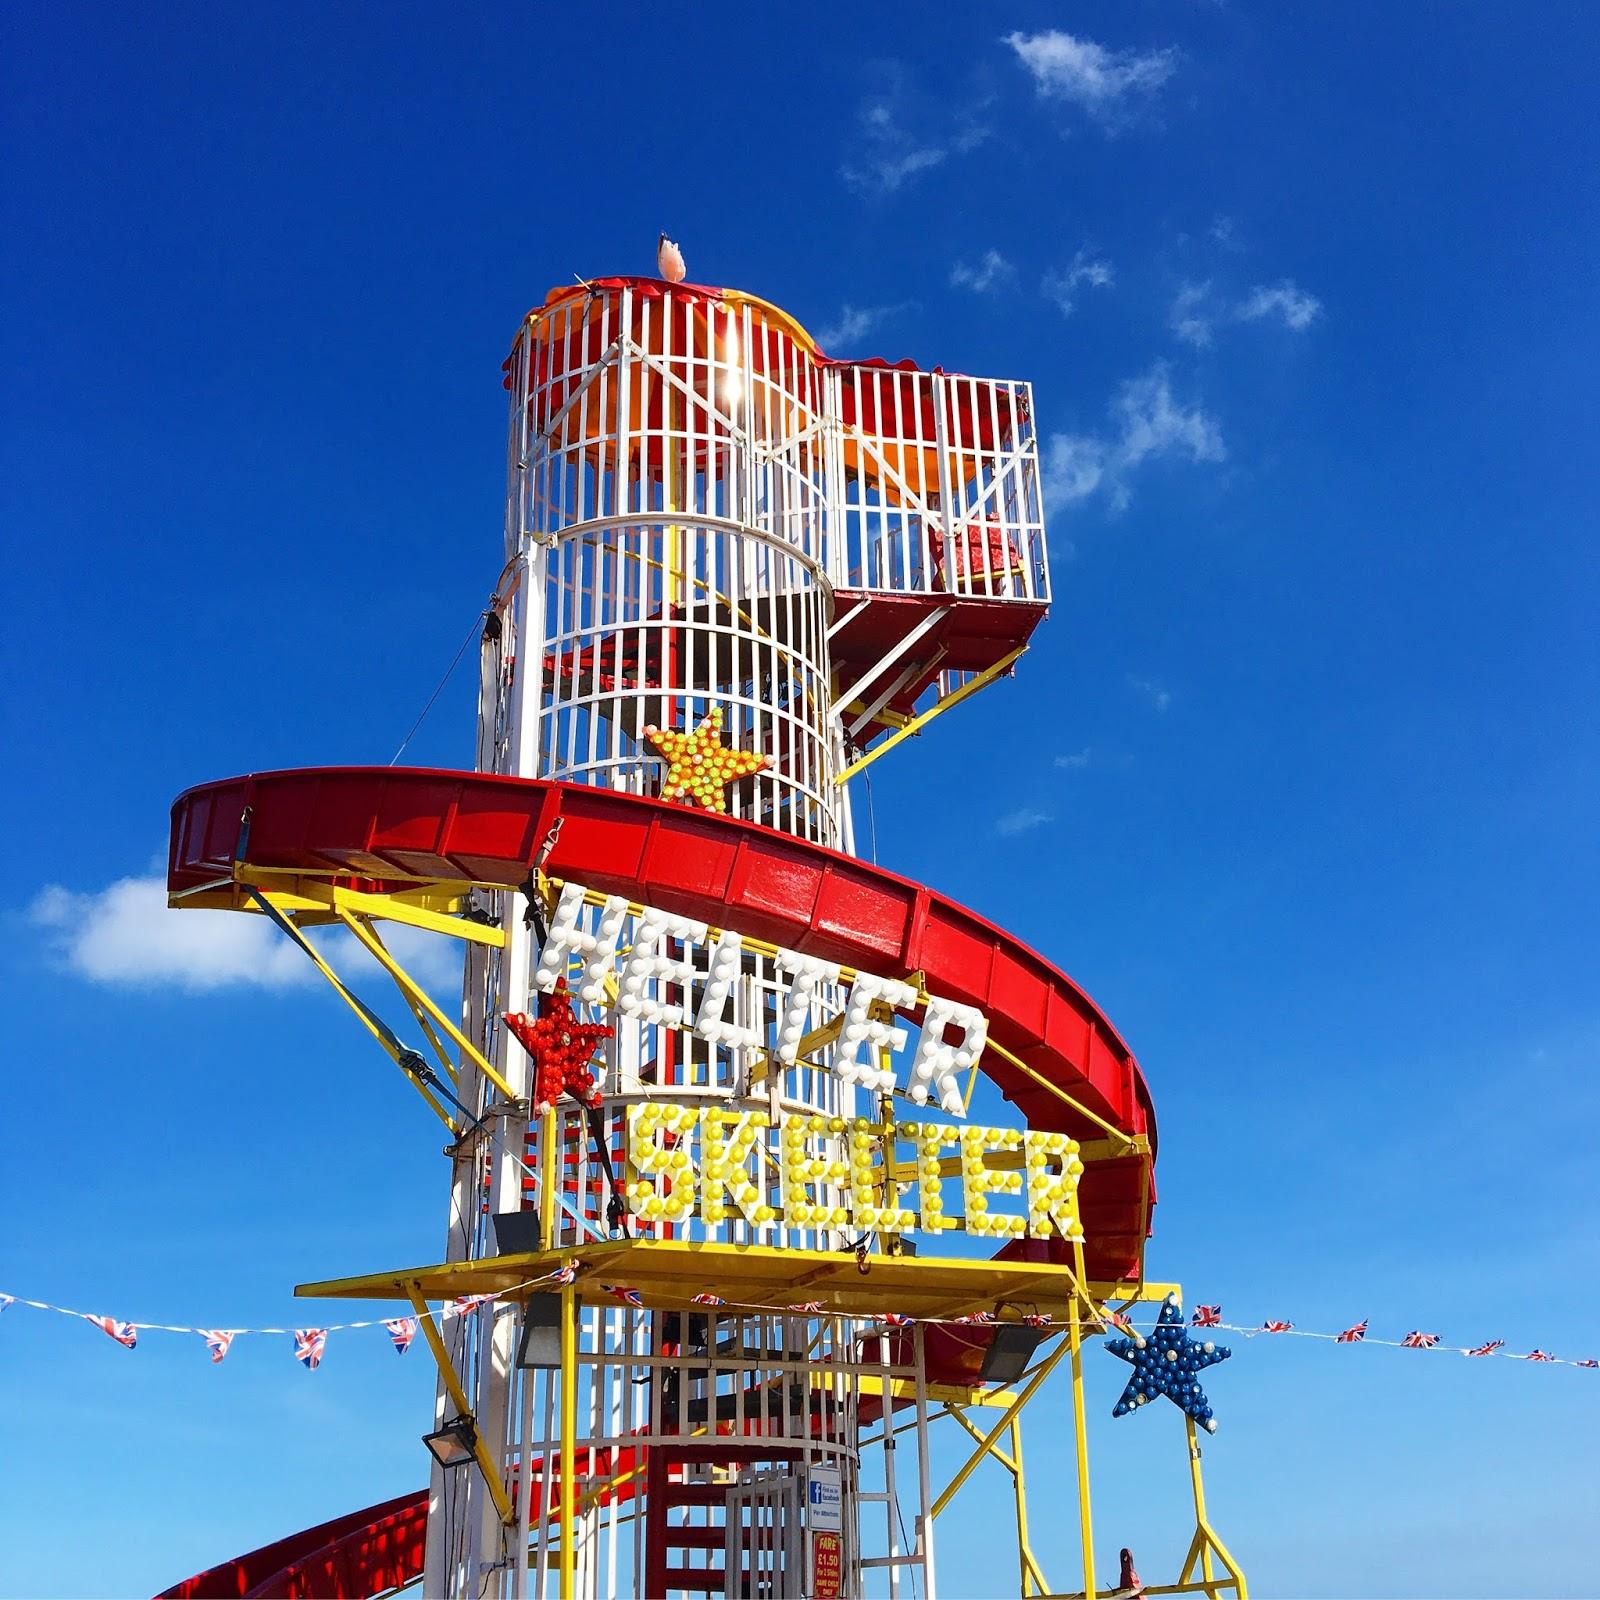 Helter Skelter slide